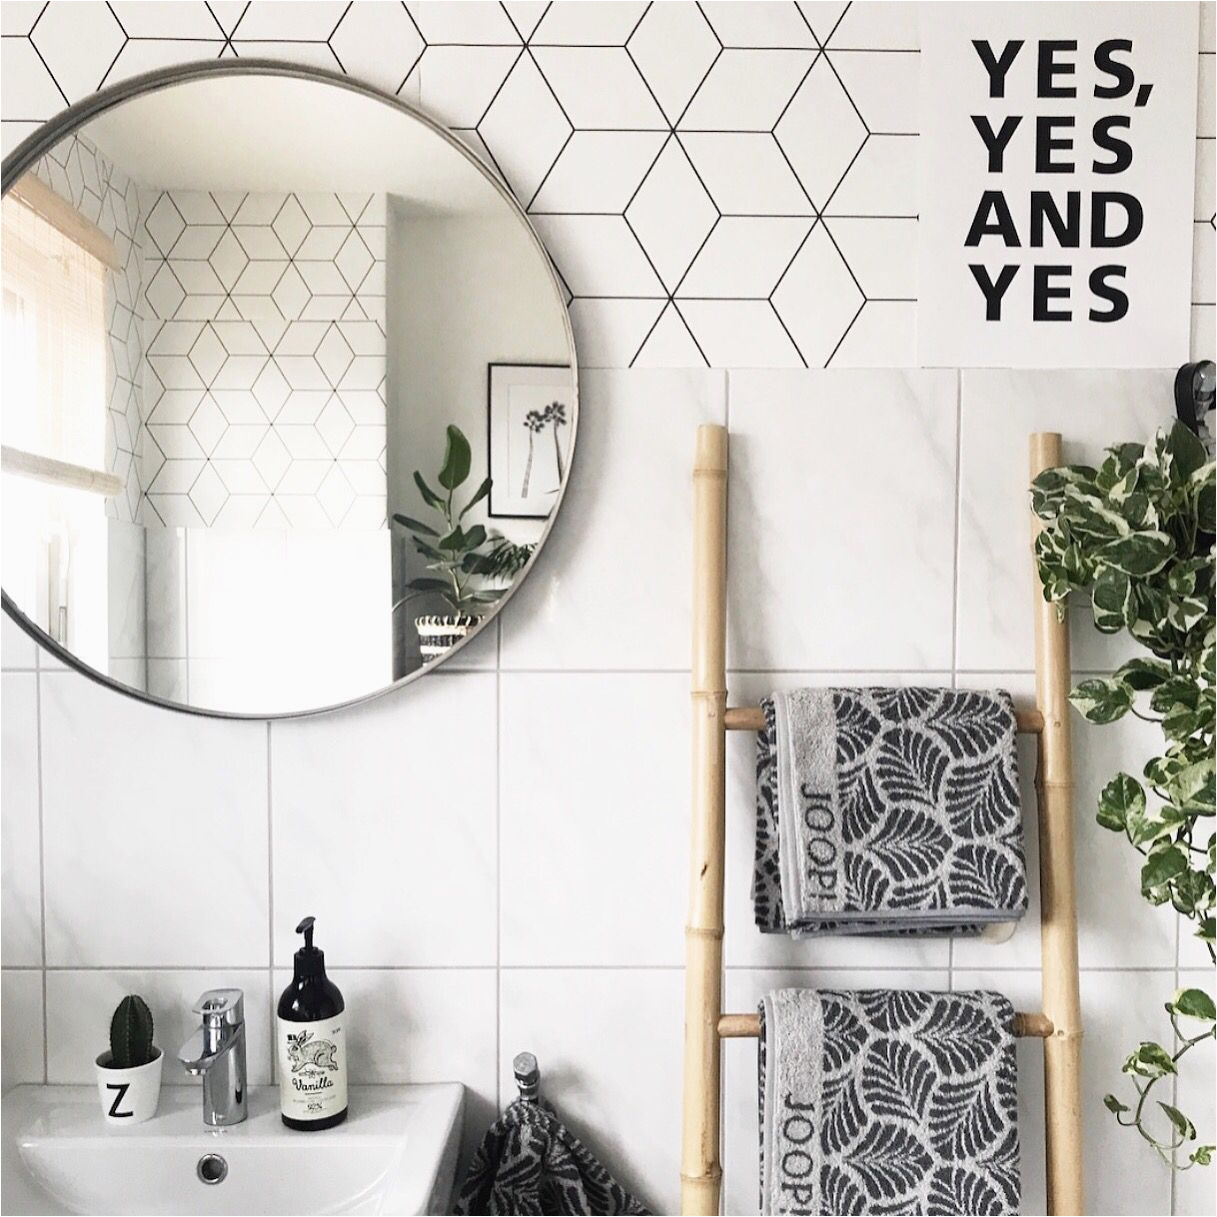 Badezimmer Deko Pflanzen 3 X Badezimmer Deko Ideen Zur Inspiration